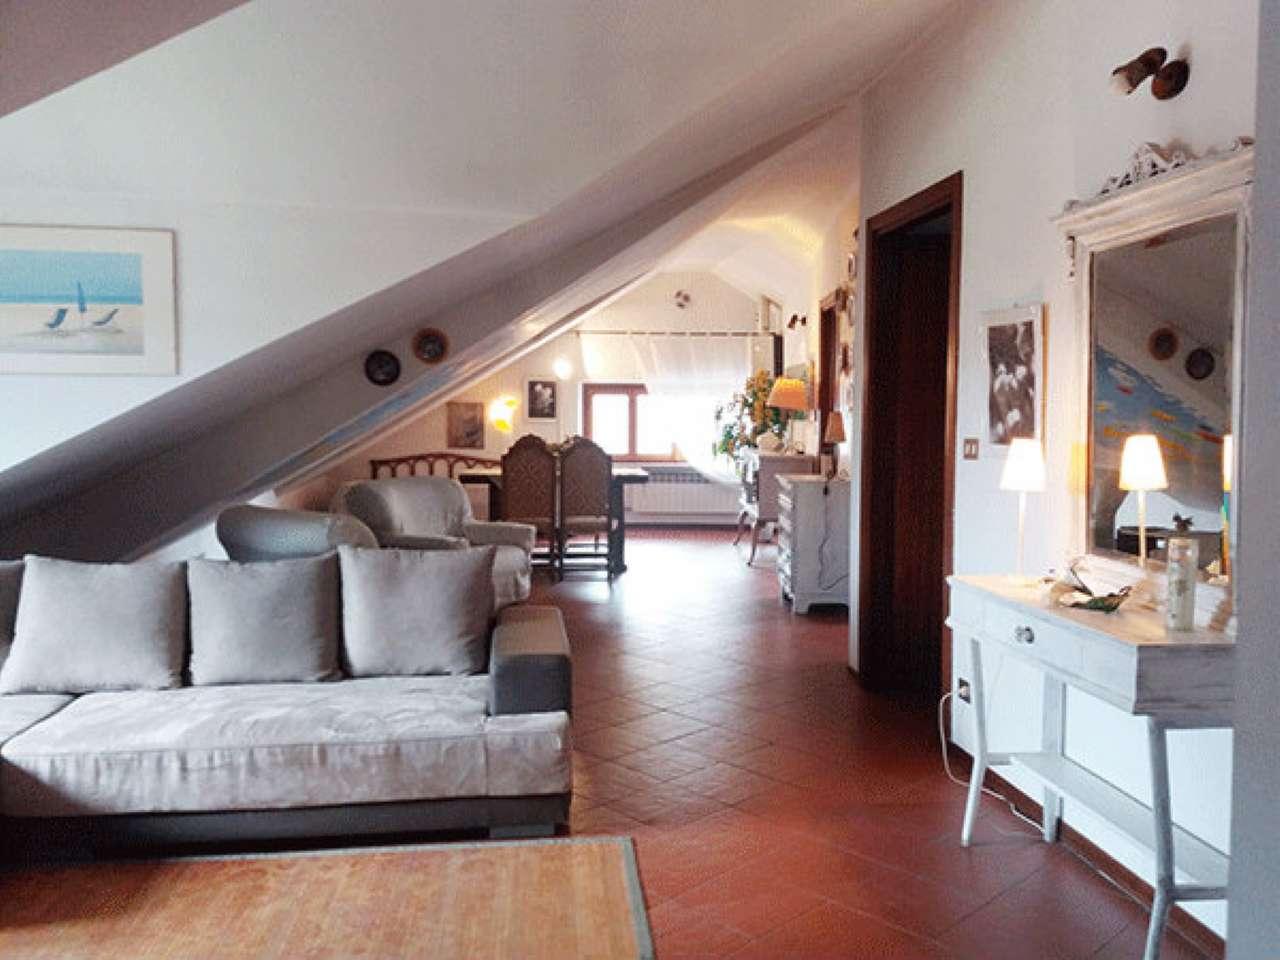 Appartamento in vendita a Ovada, 3 locali, prezzo € 75.000 | CambioCasa.it